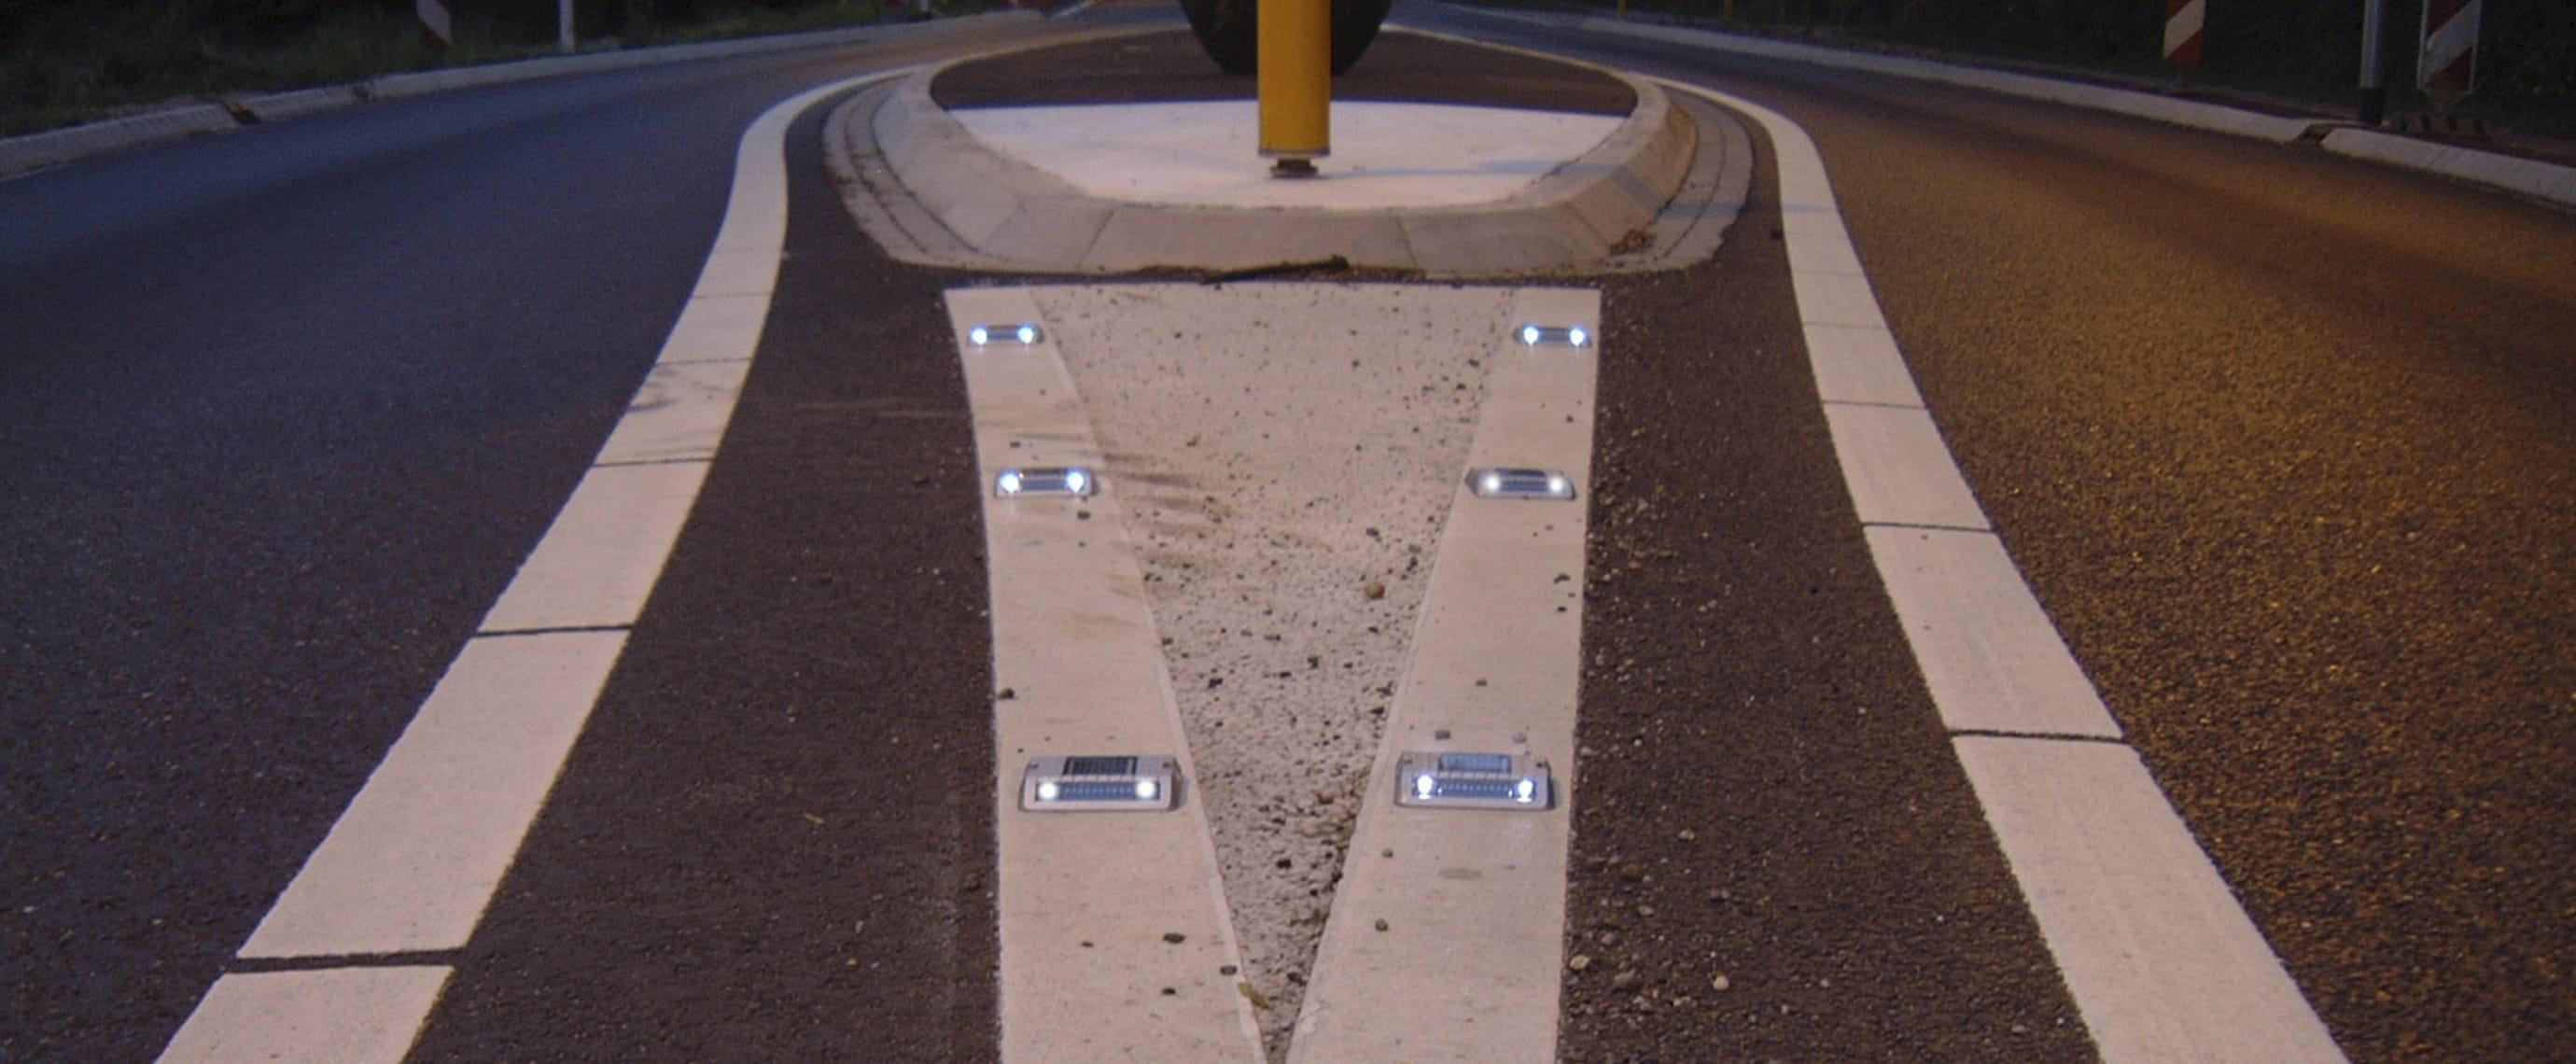 Balisage de sécurité solaire LED ECO-118 Eco-Innov